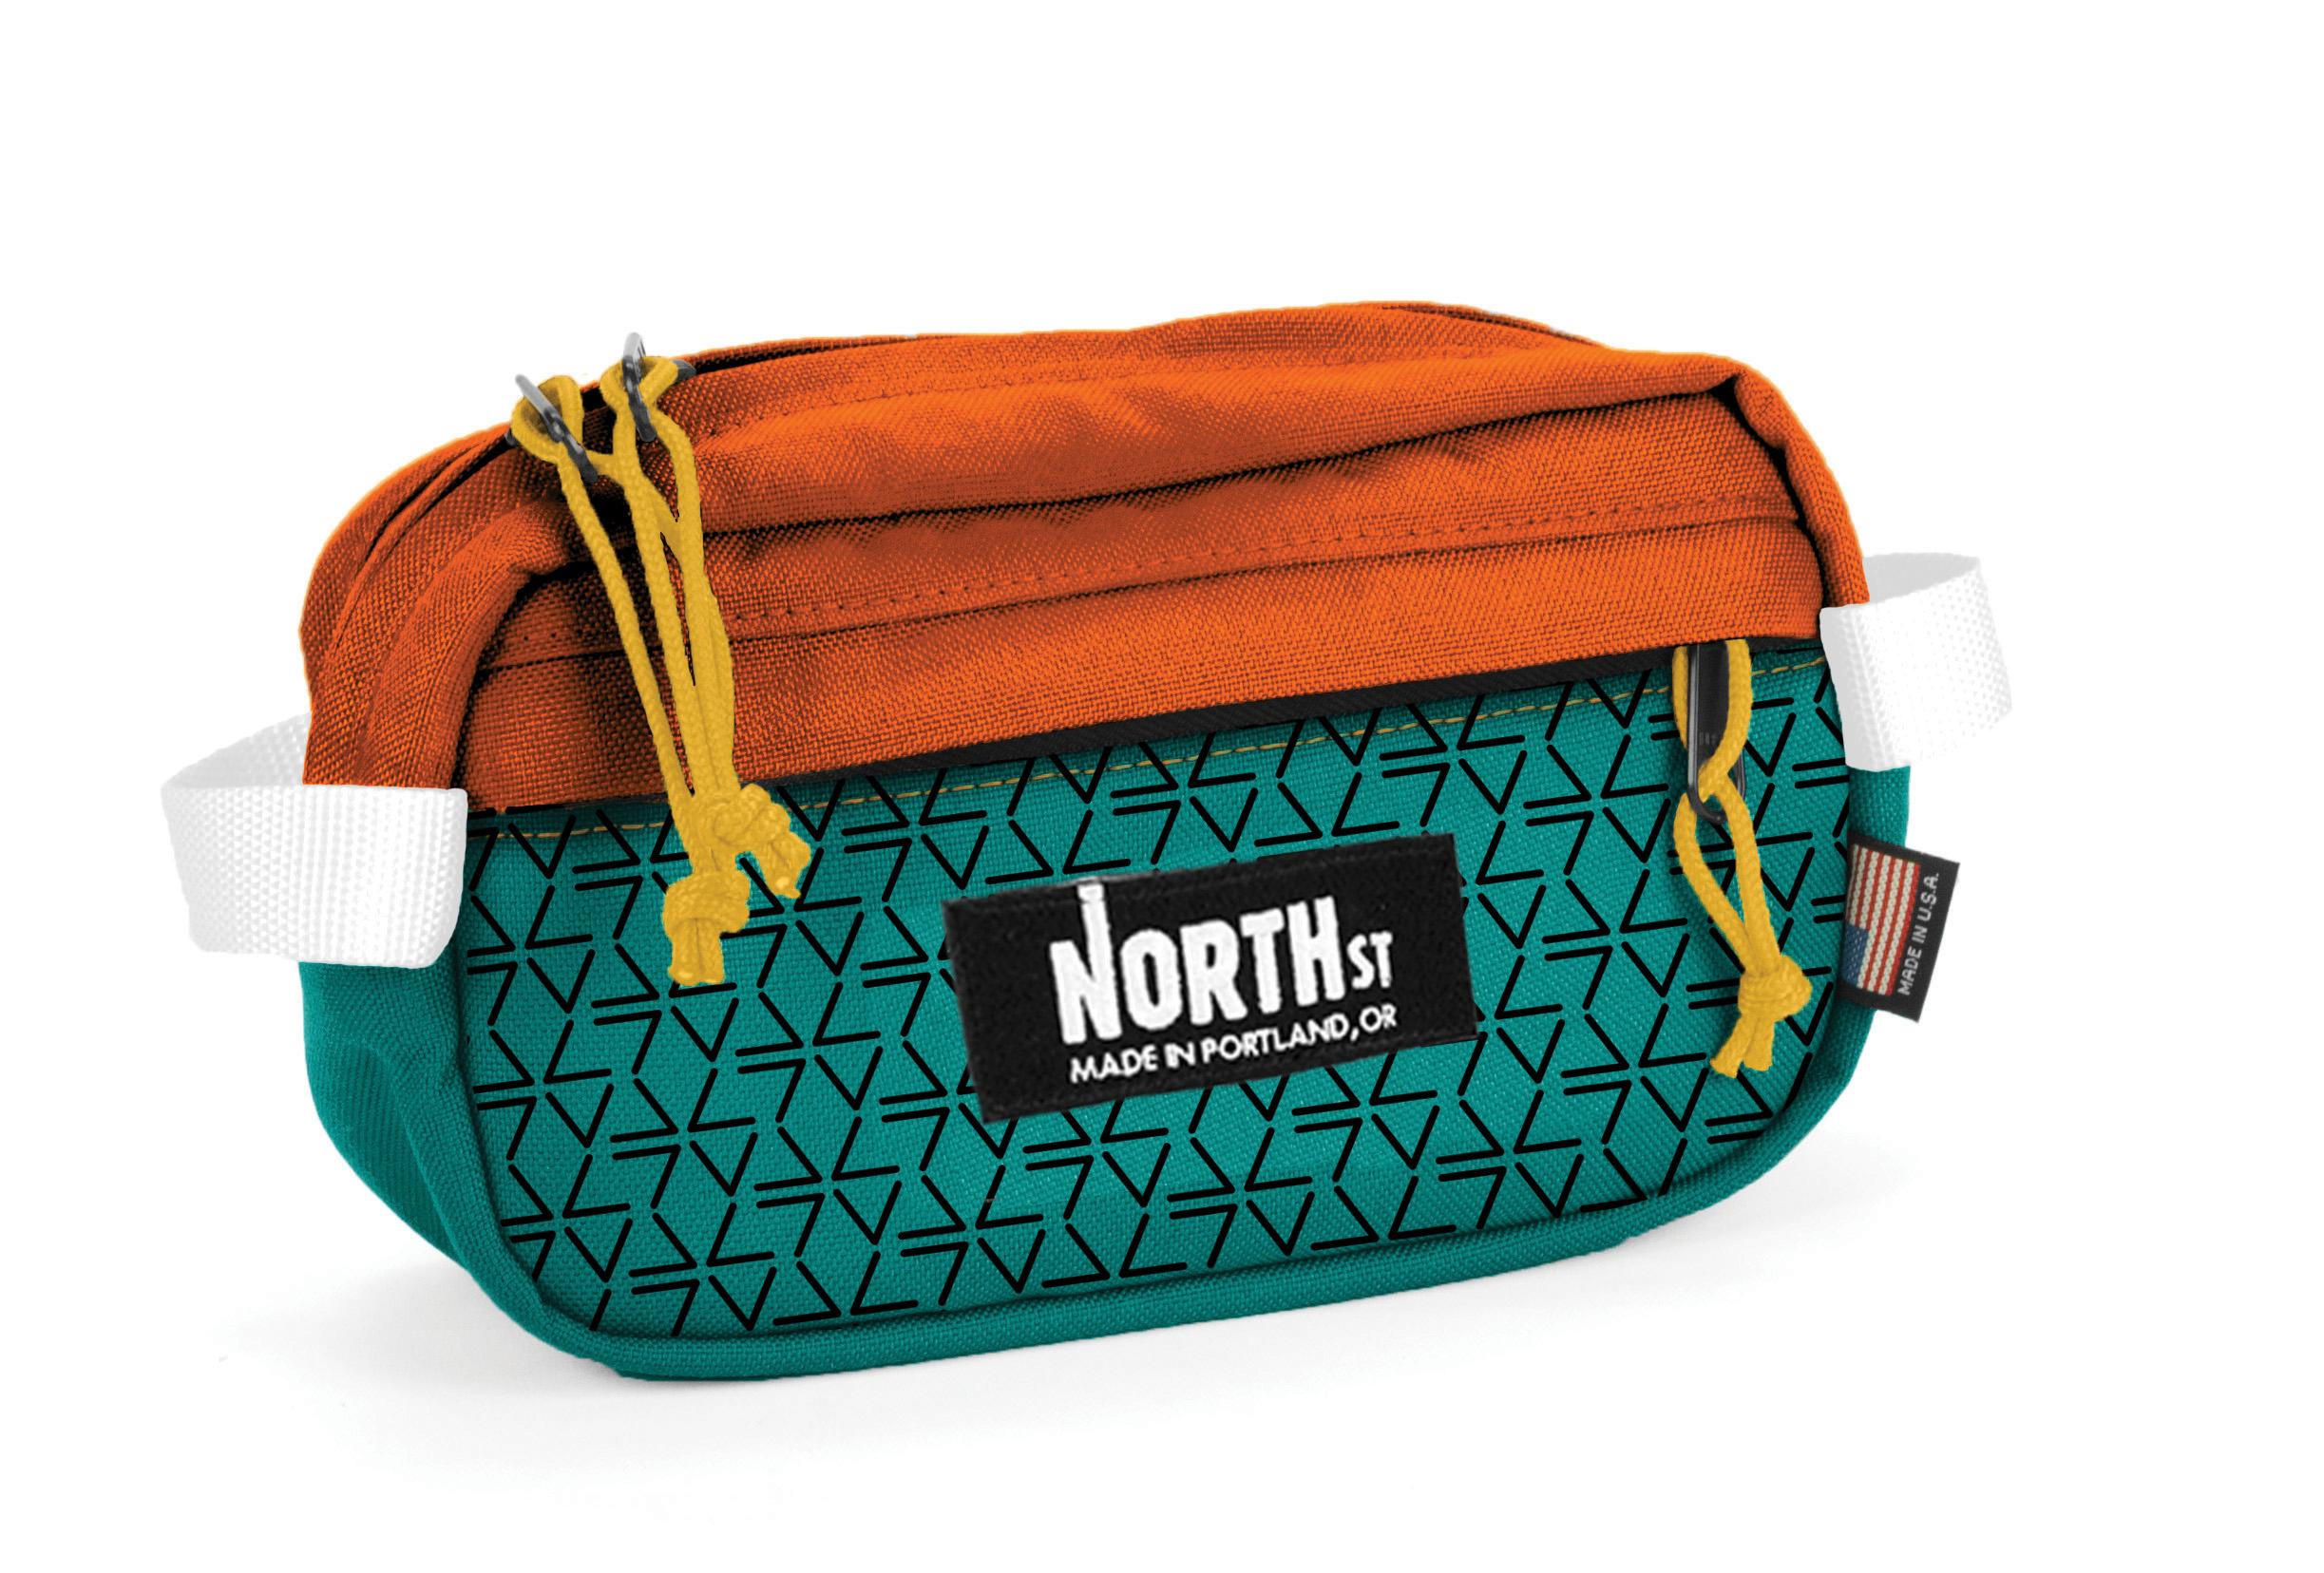 NorthSt.-1